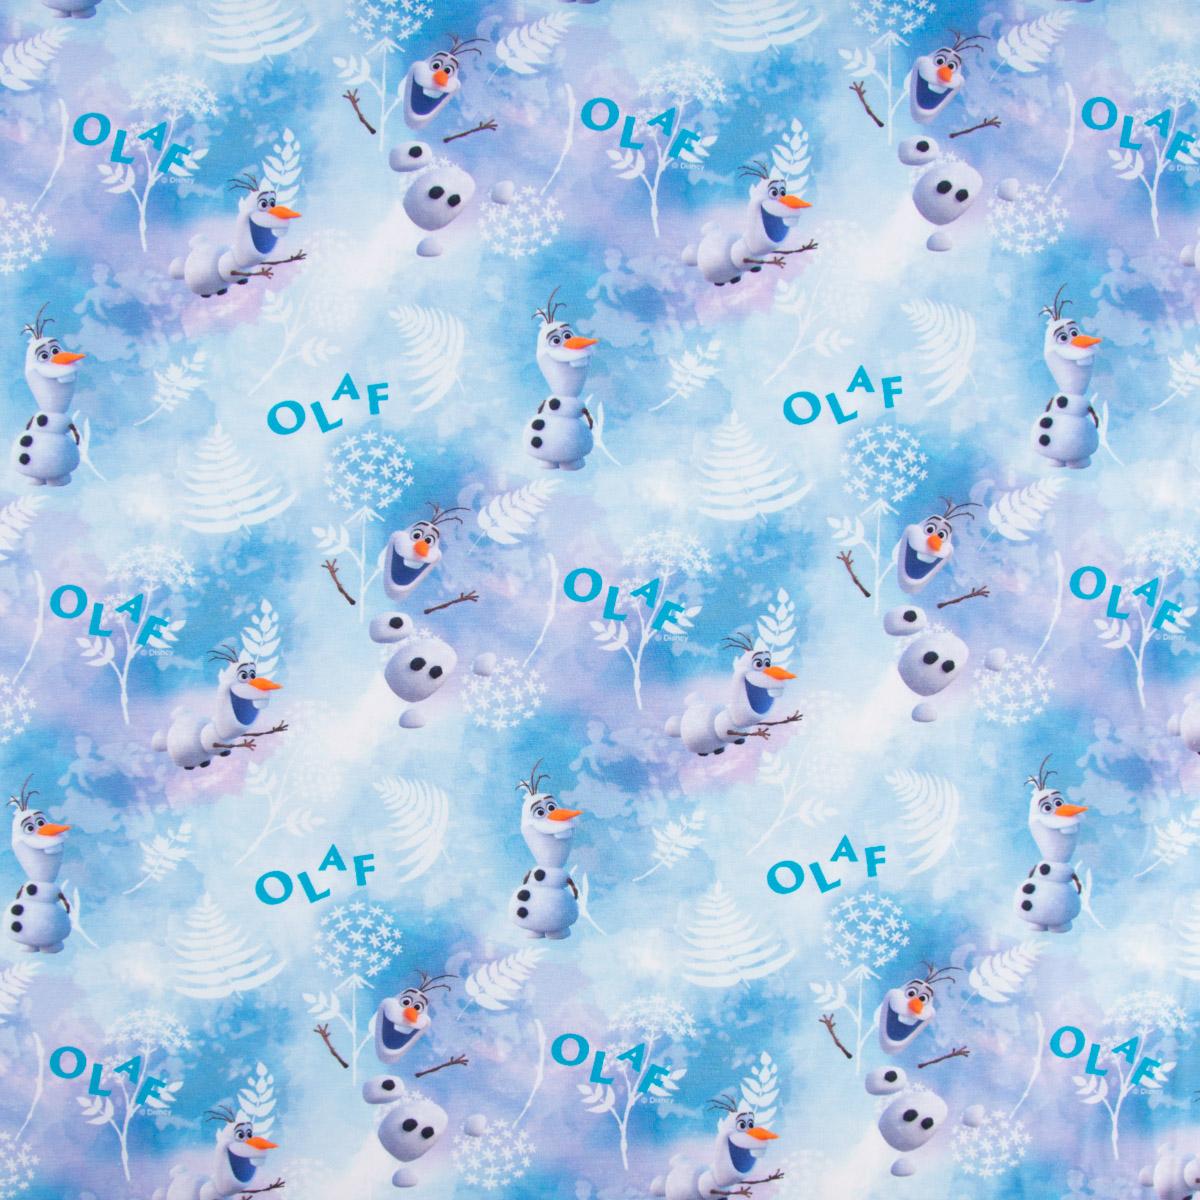 Baumwolljersey Digitaldruck Frozen Die Eiskönigin Olaf Schneemann blau weiß 1,5m Breite